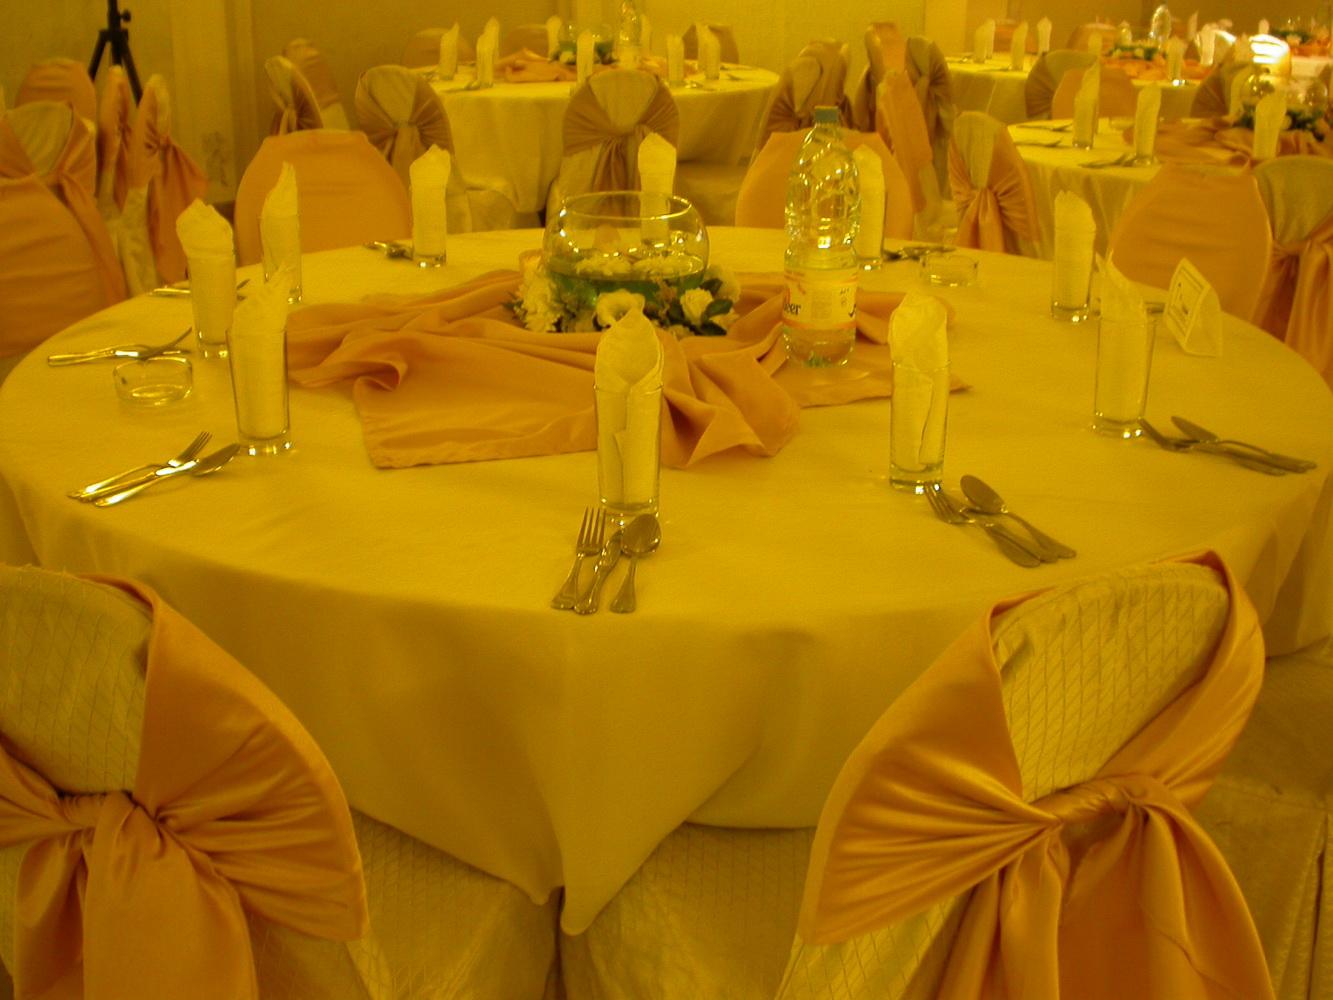 photos_Banqueting_05